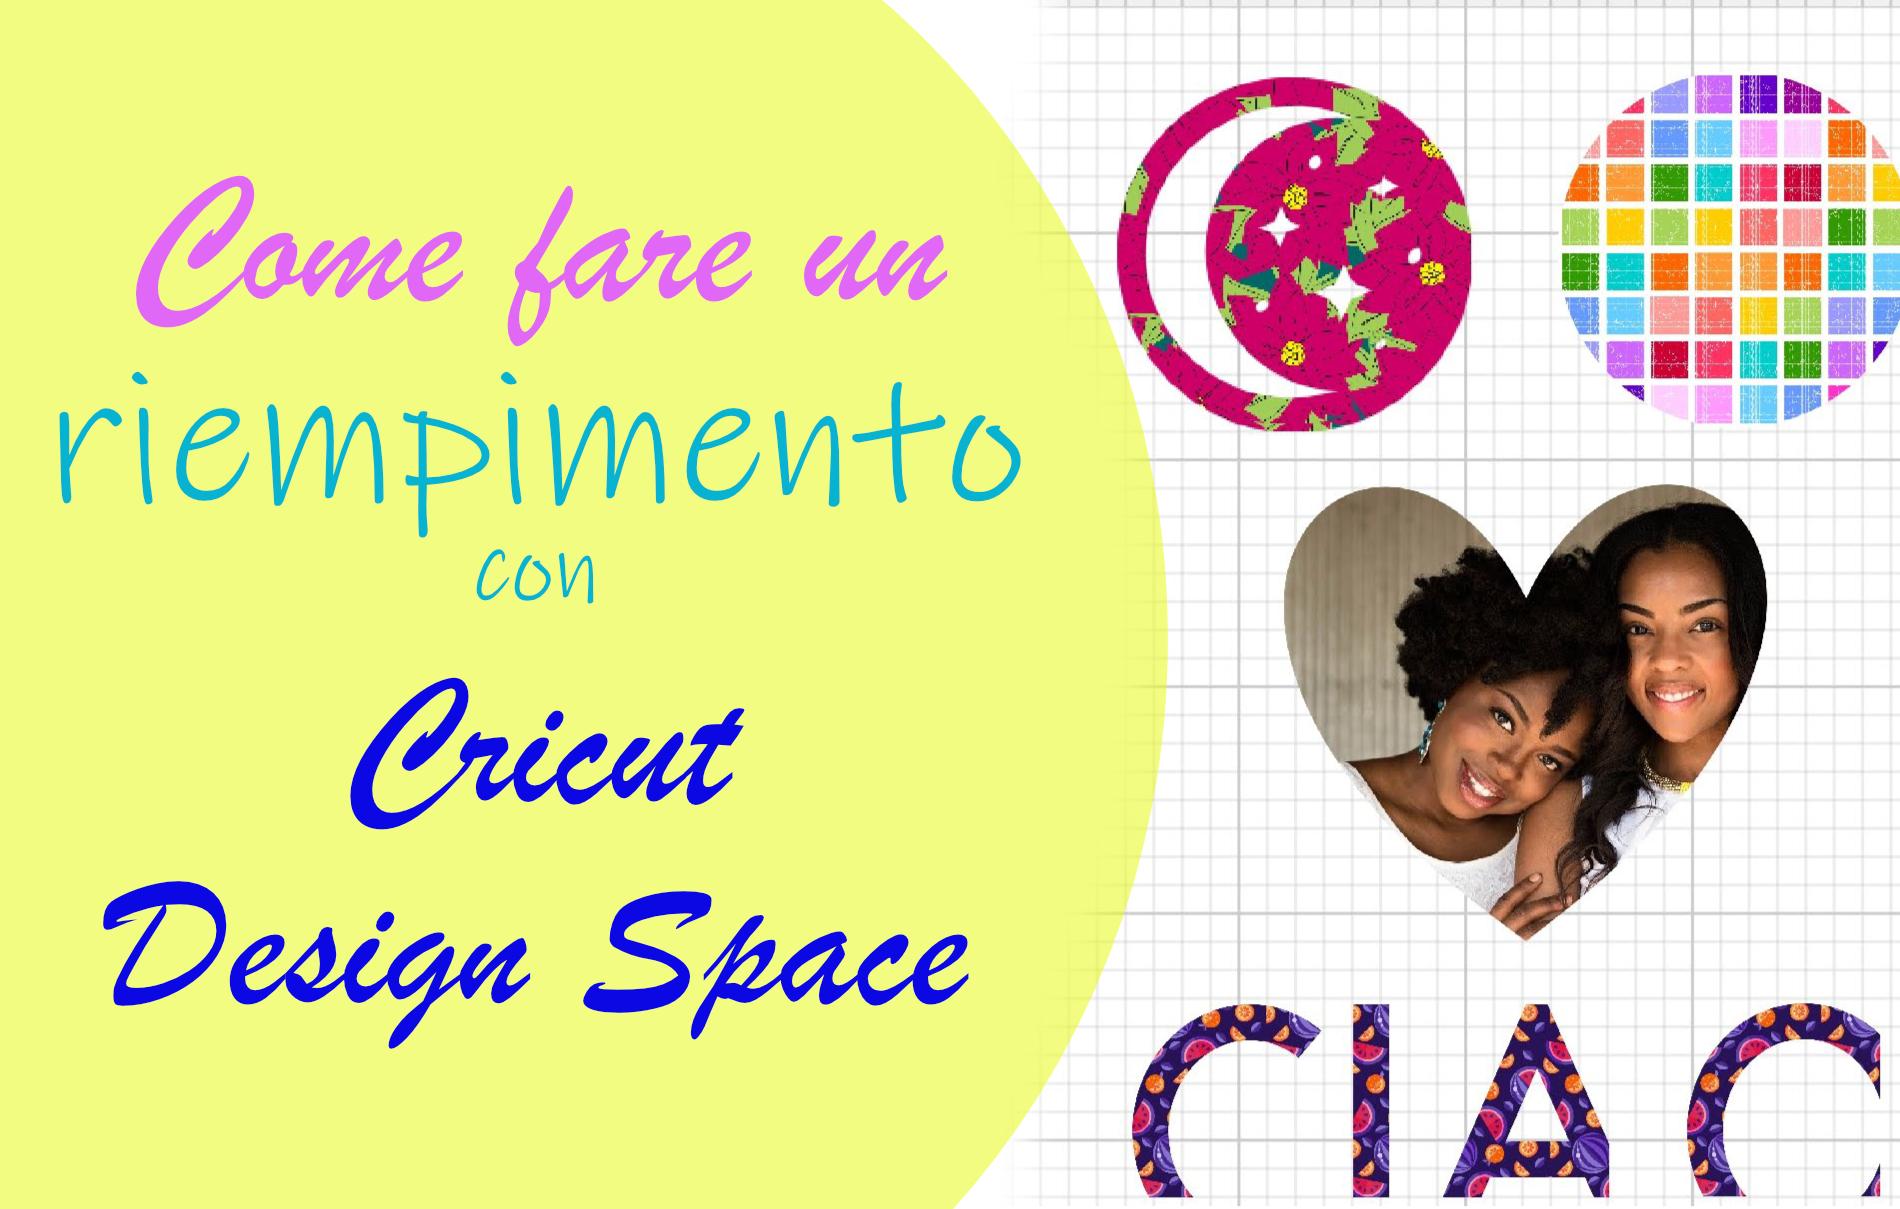 Riempimento Cricut Design Sapce